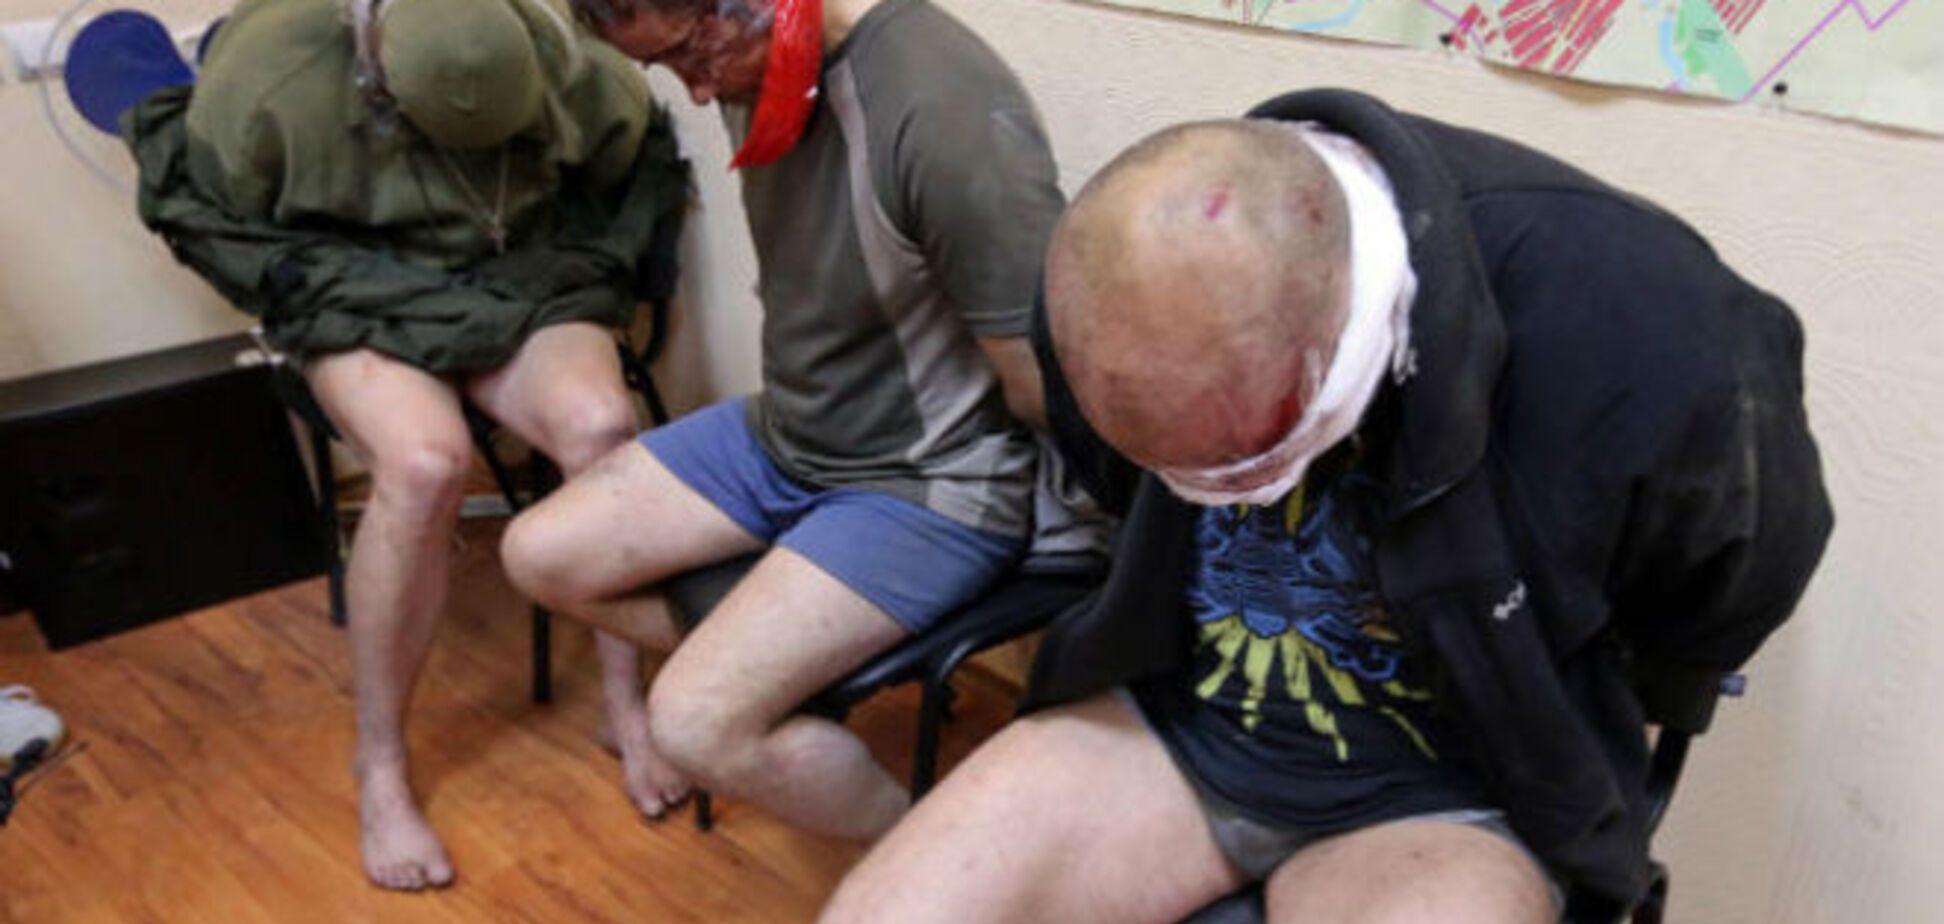 СМИ: террористы отпустили двух офицеров 'Альфы', в СБУ не подтверждают